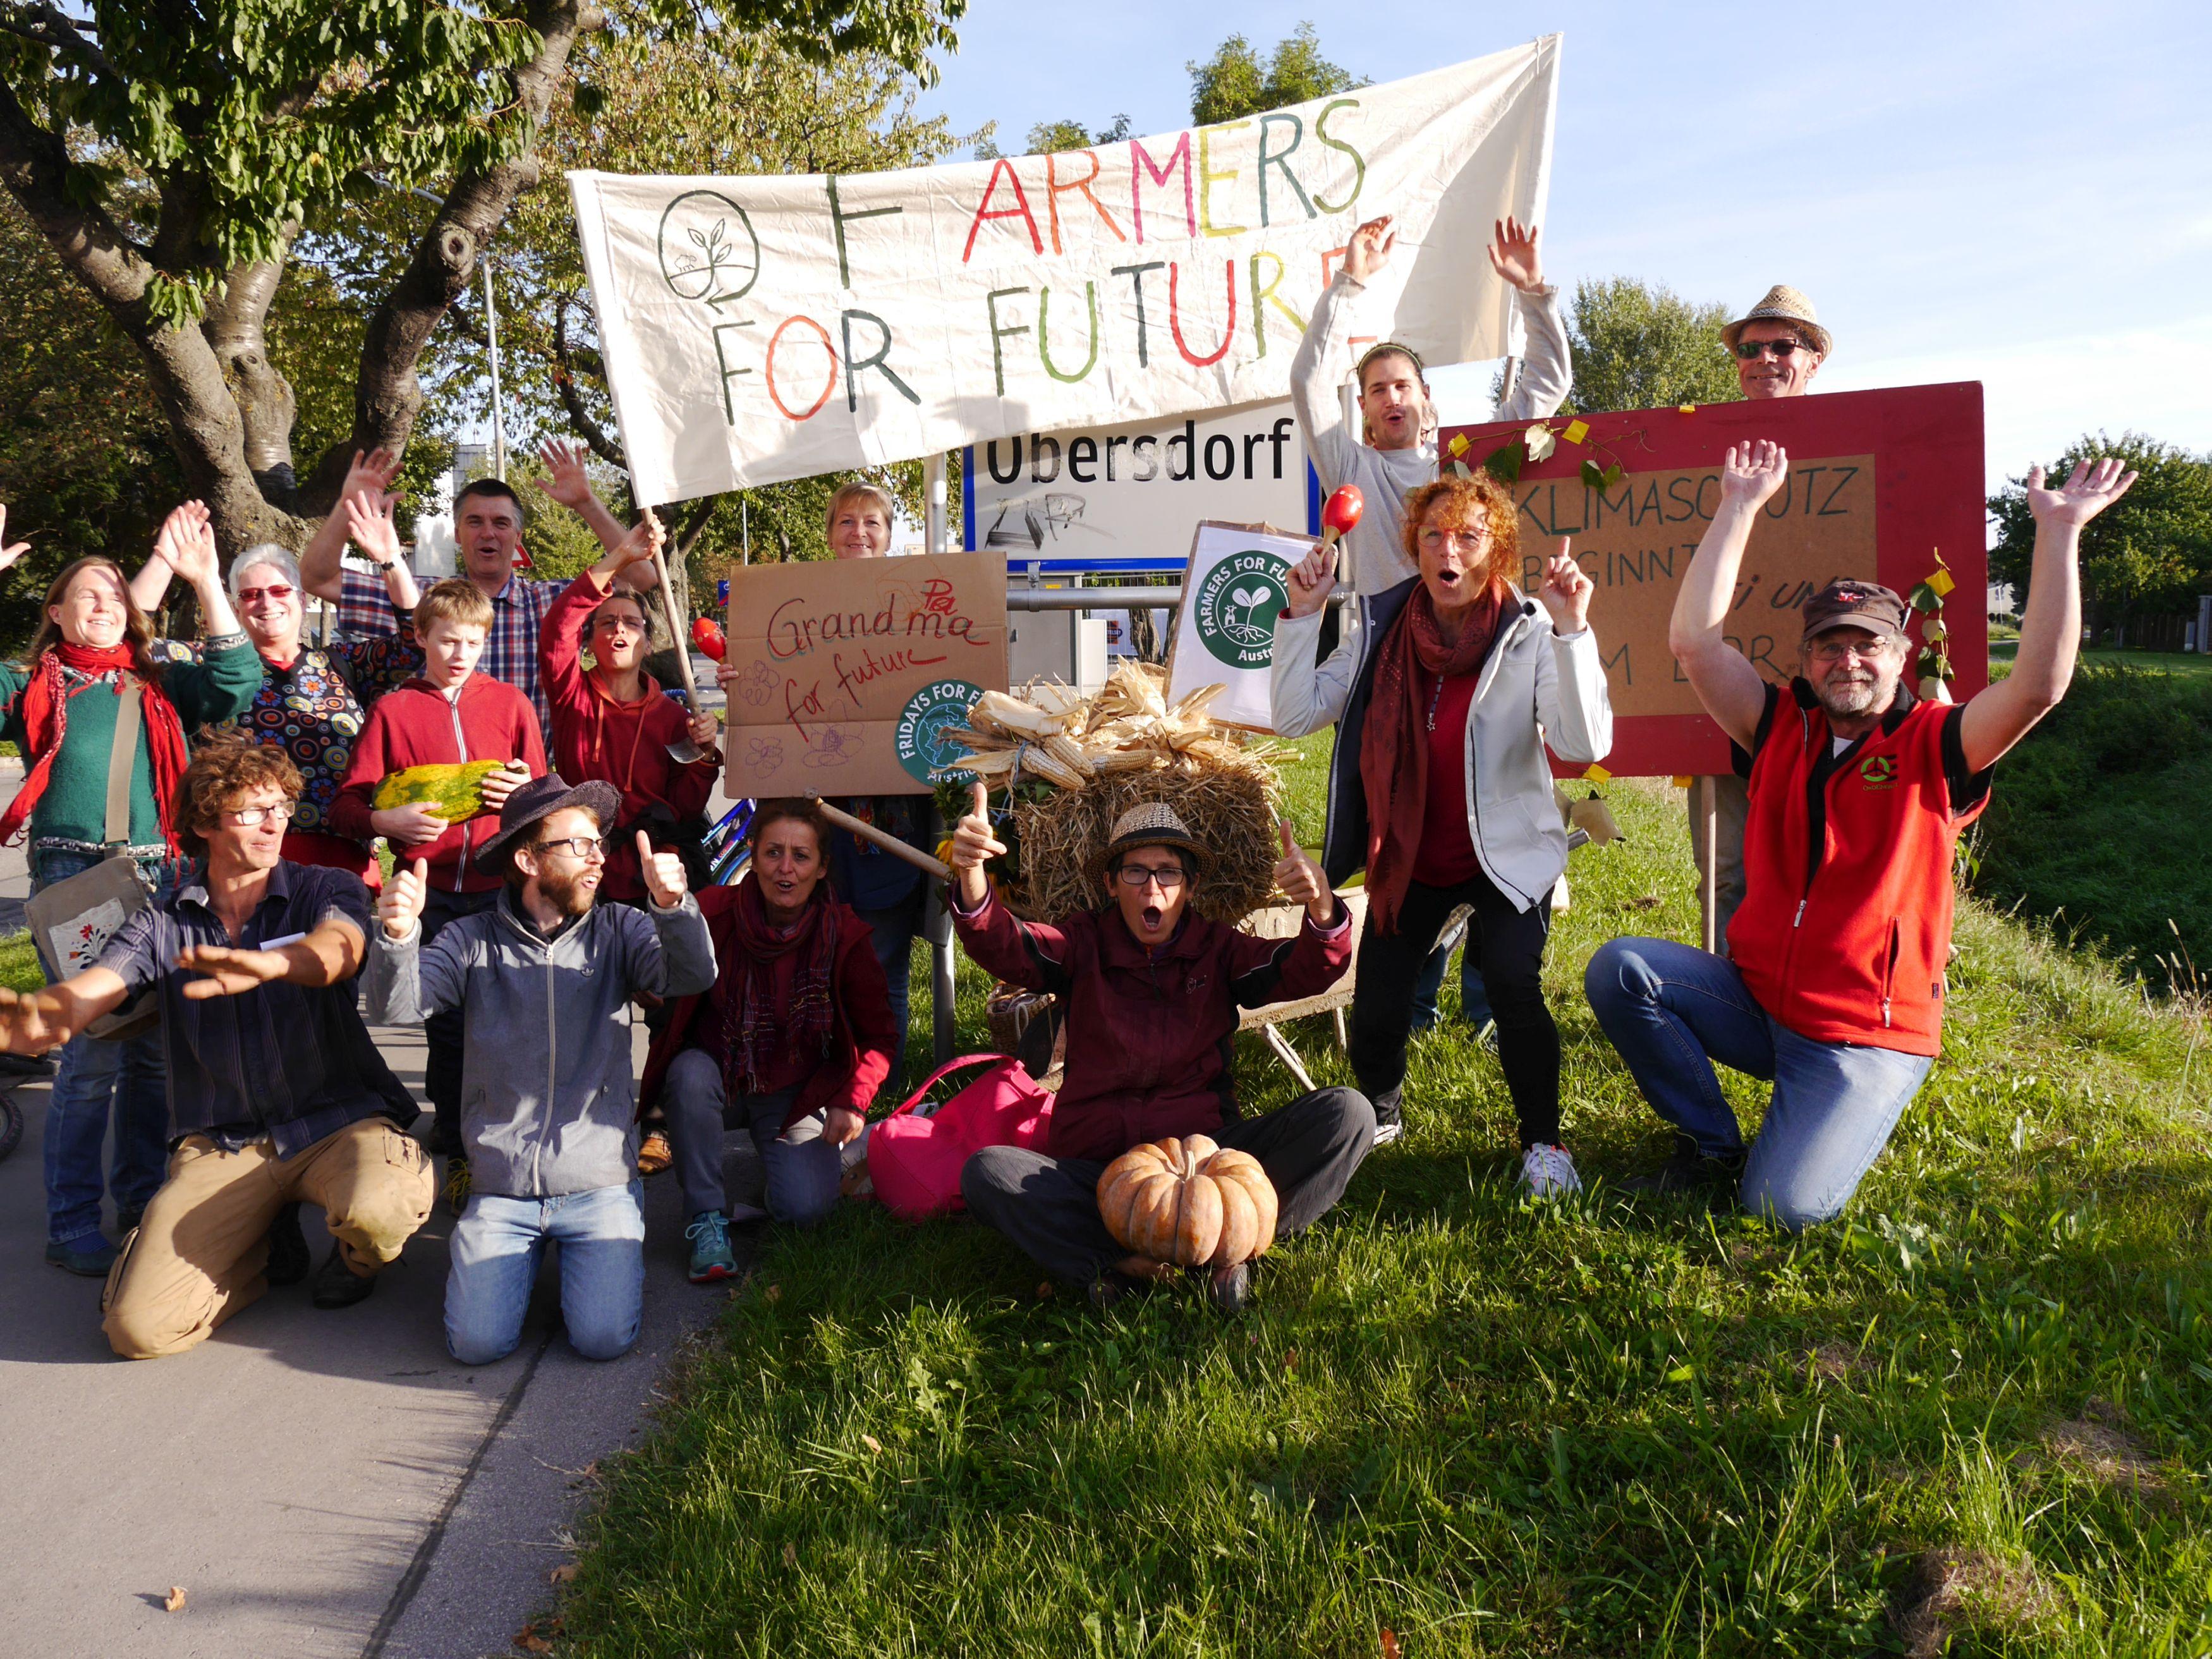 Farmers for Future: Bäuerinnen und Bauern streiken für das Klima